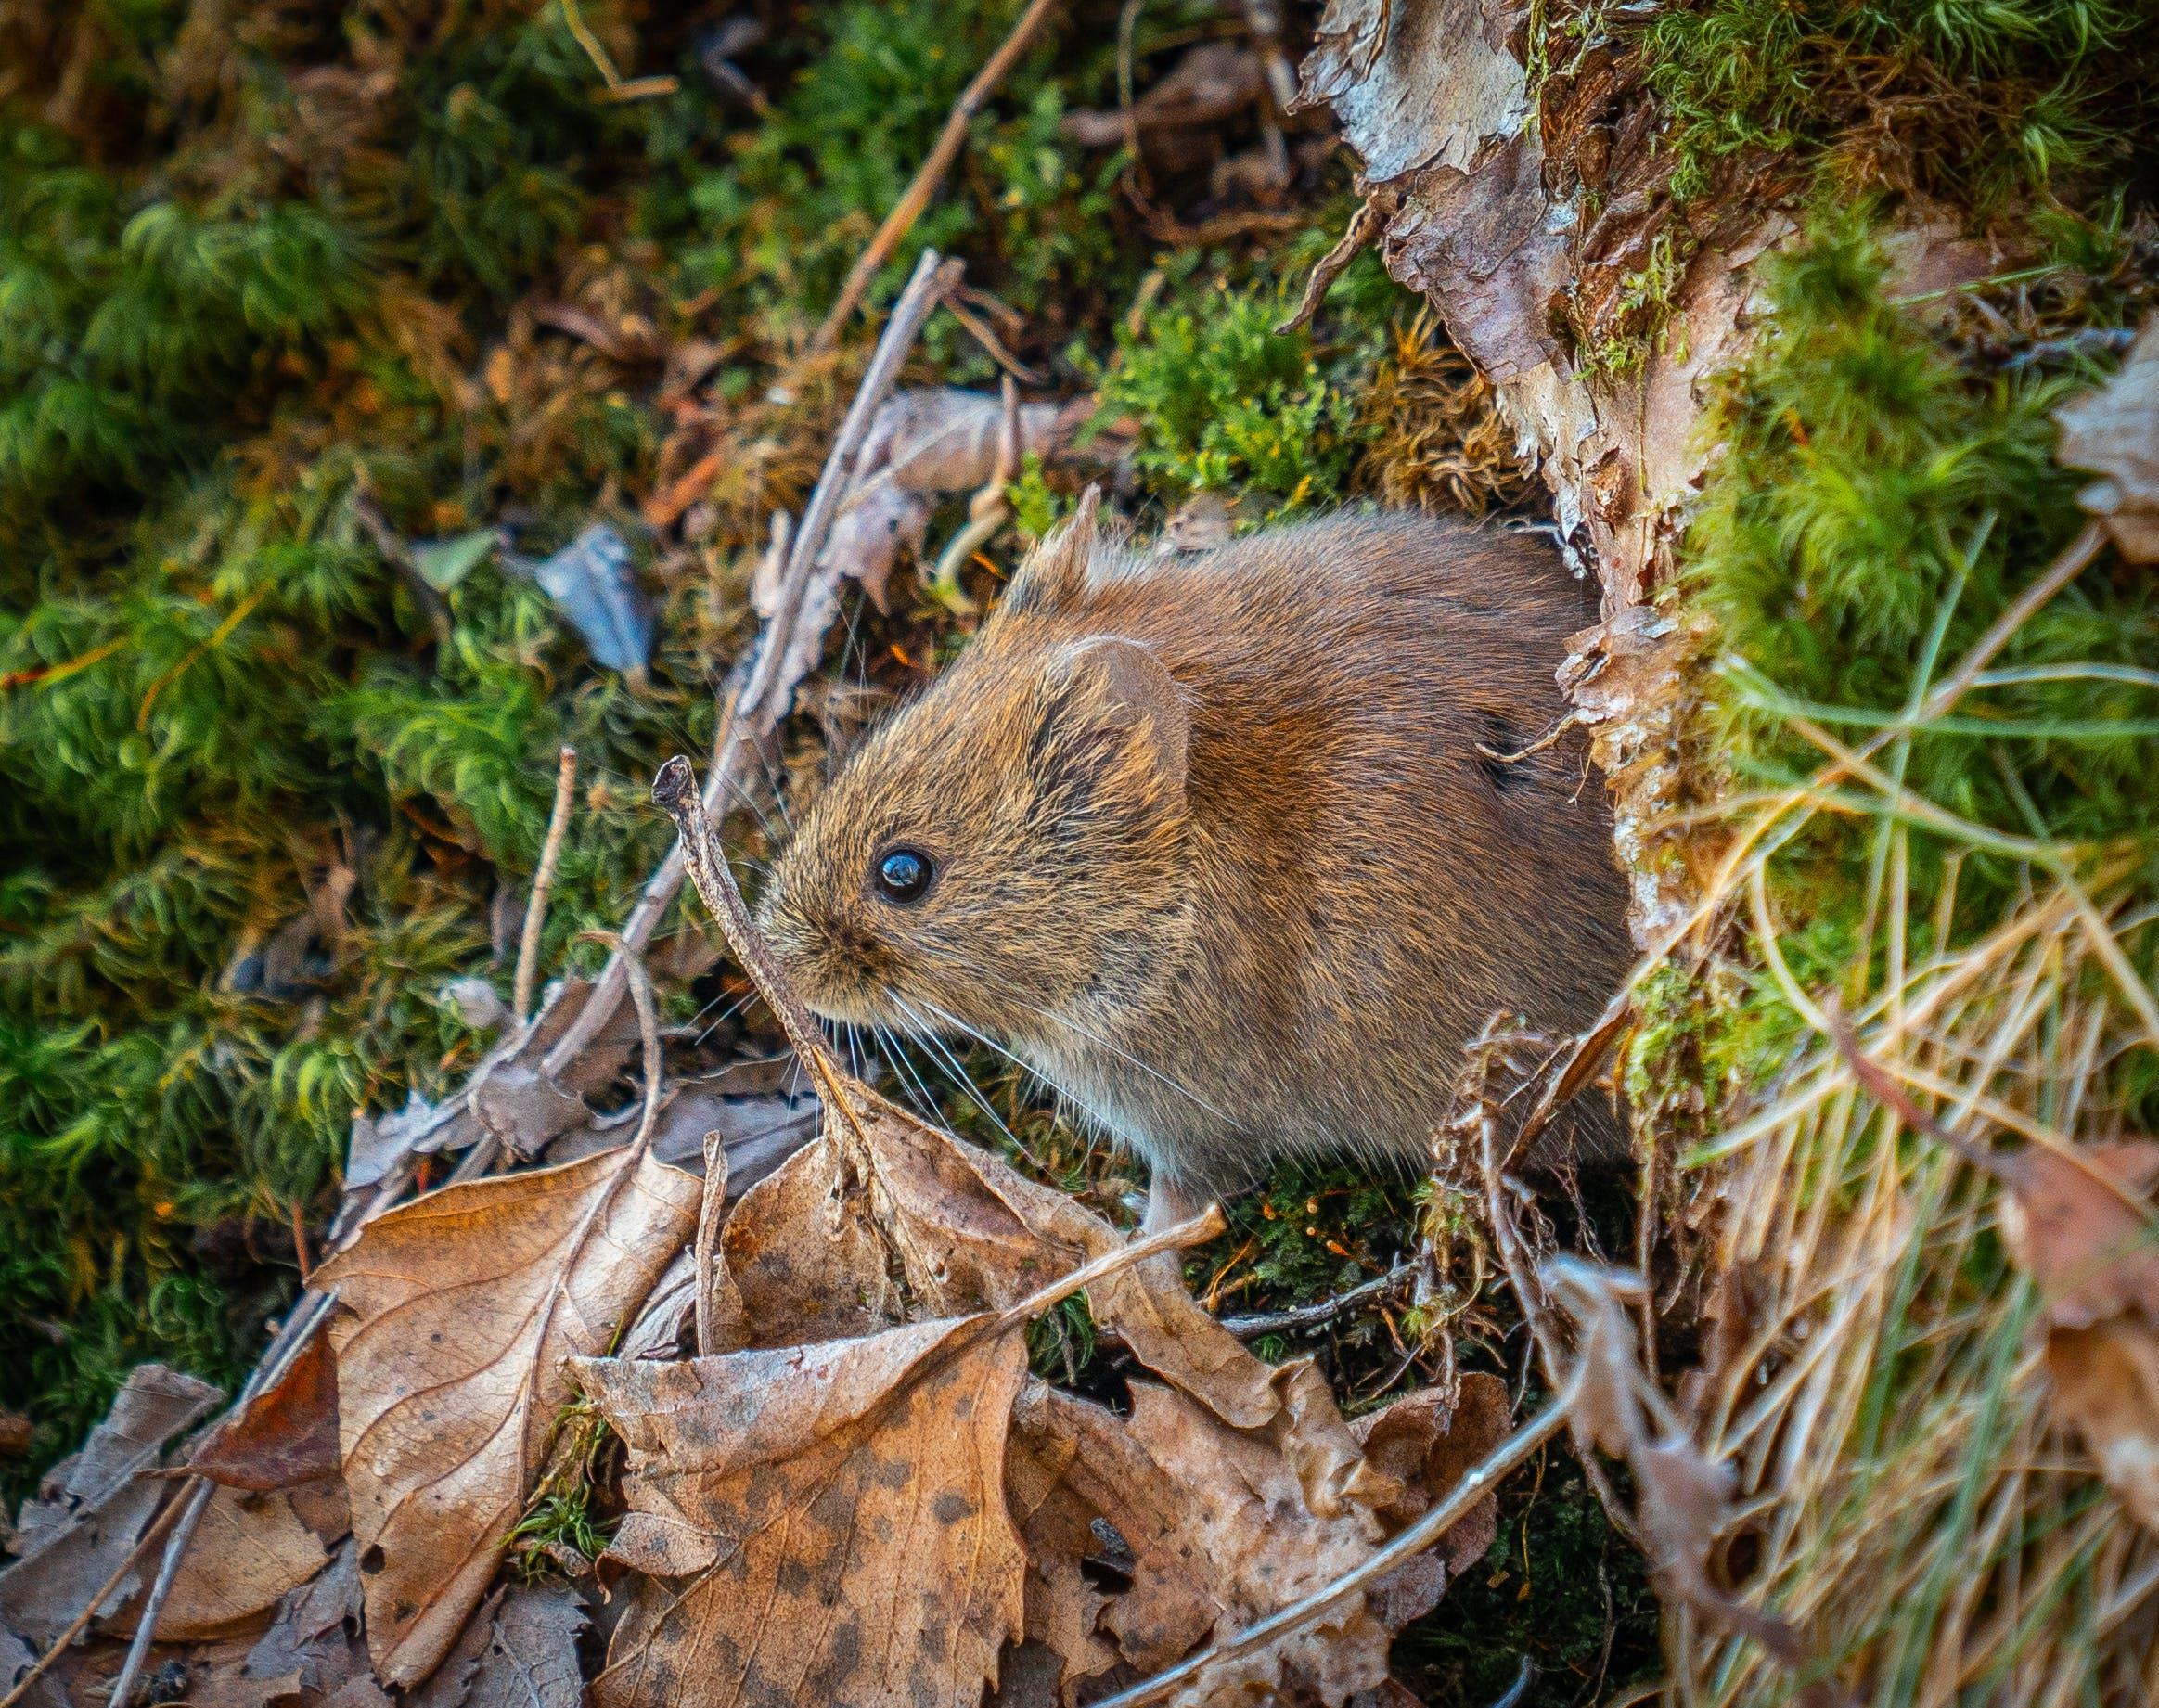 天性, 森林, 滑鼠, 野生 的 免費圖庫相片